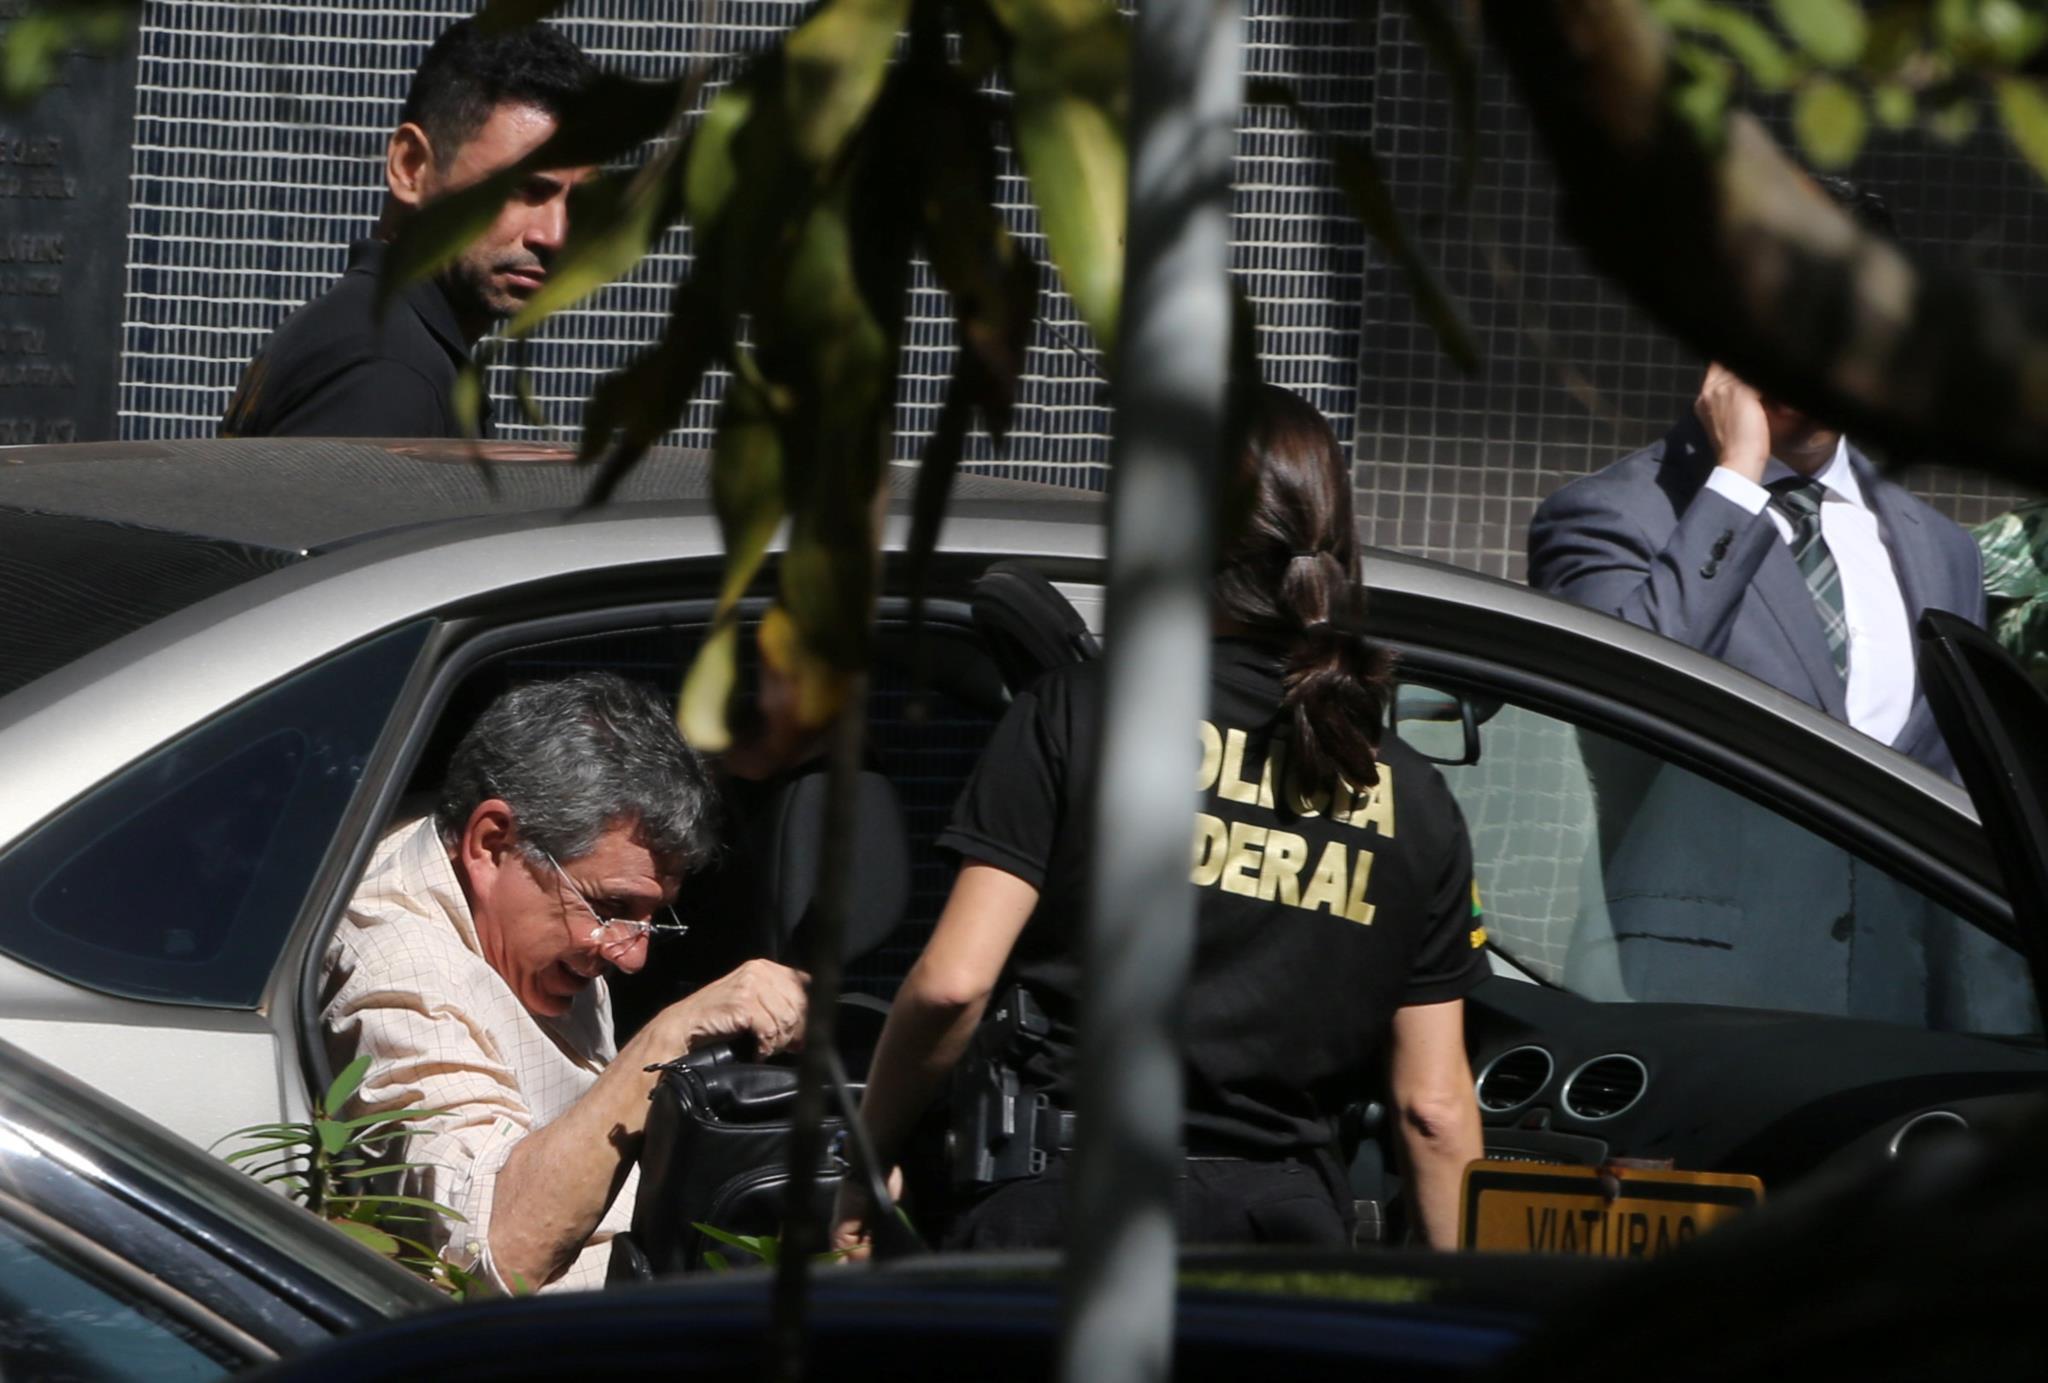 PÚBLICO - Assessor de Michel Temer preso por desvio de verbas